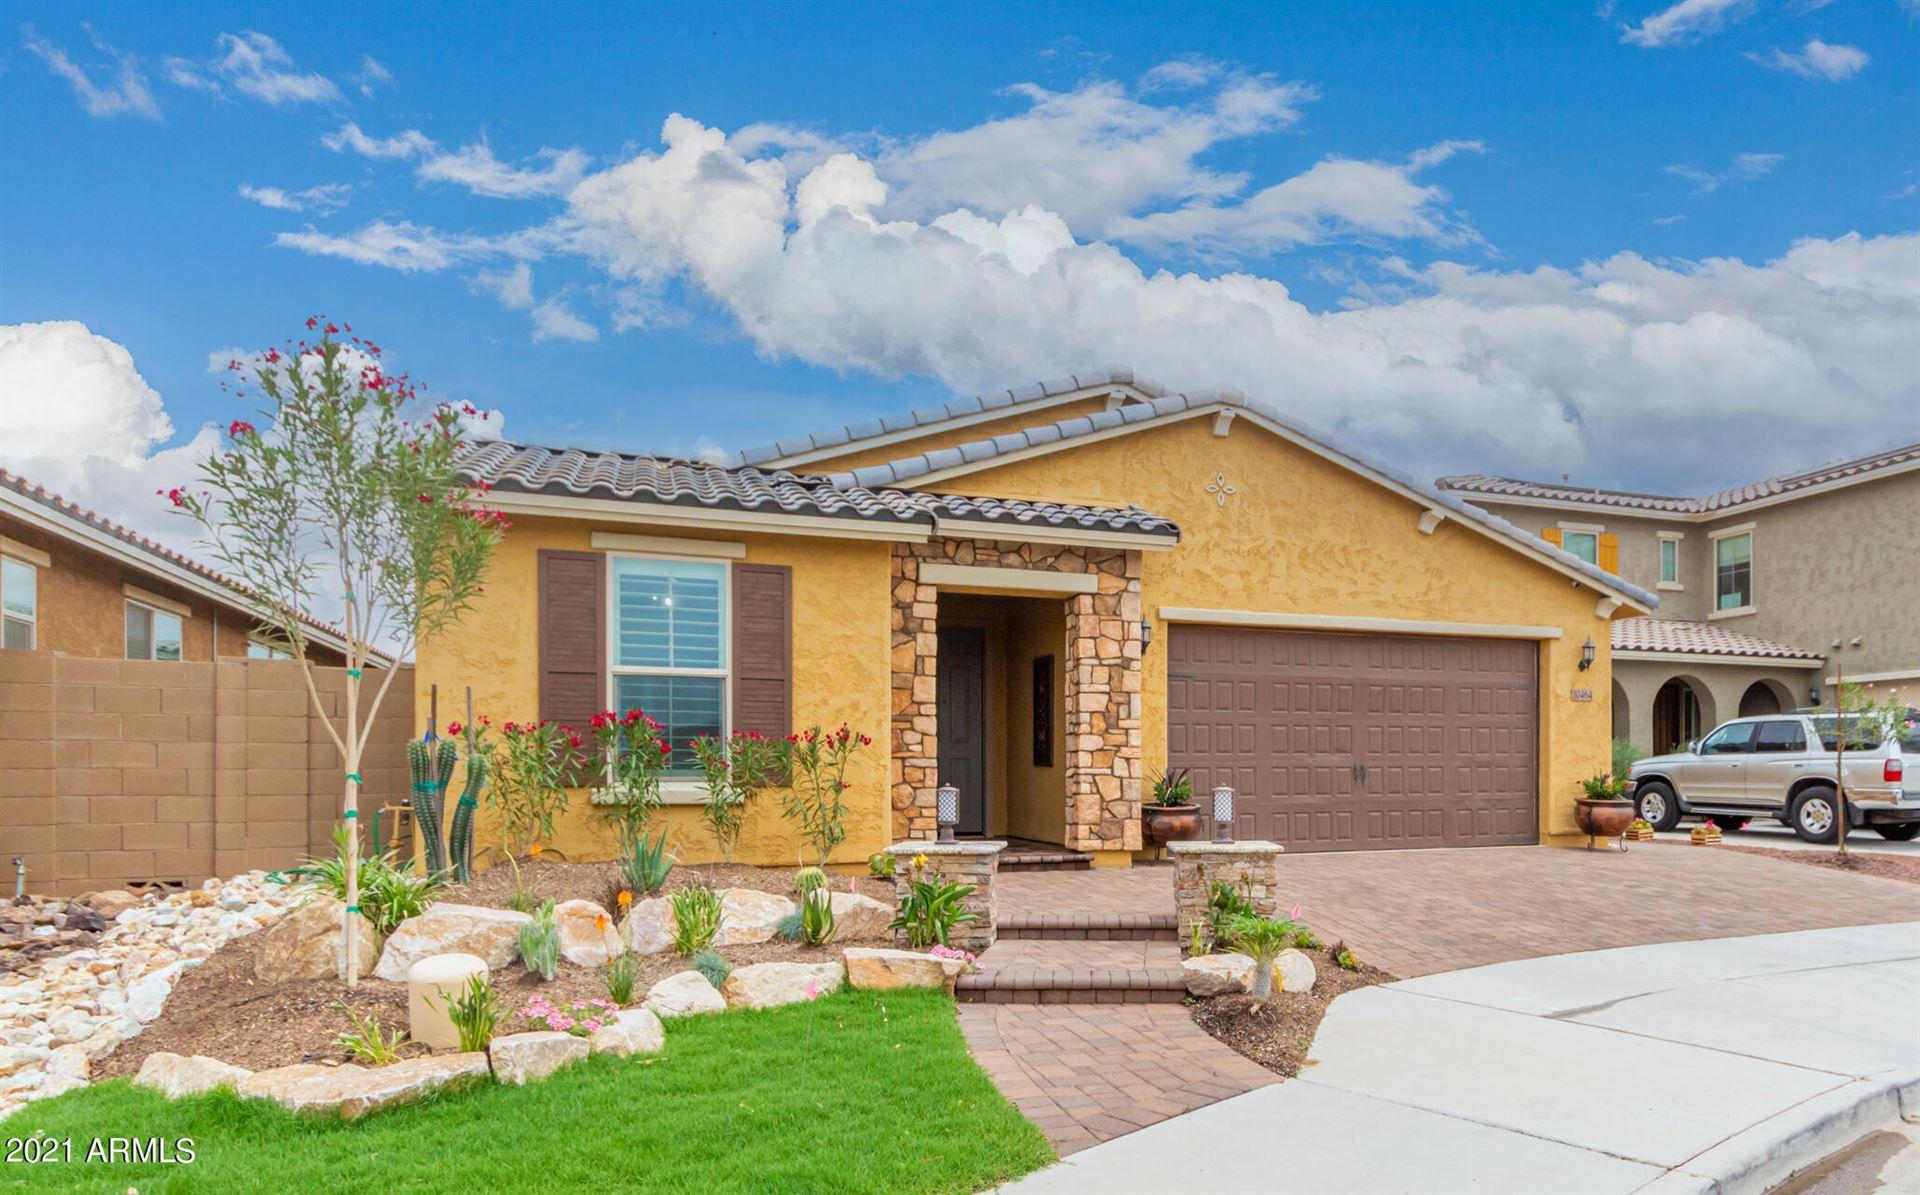 10464 W ROSEWOOD Lane, Peoria, AZ 85383 - MLS#: 6234546